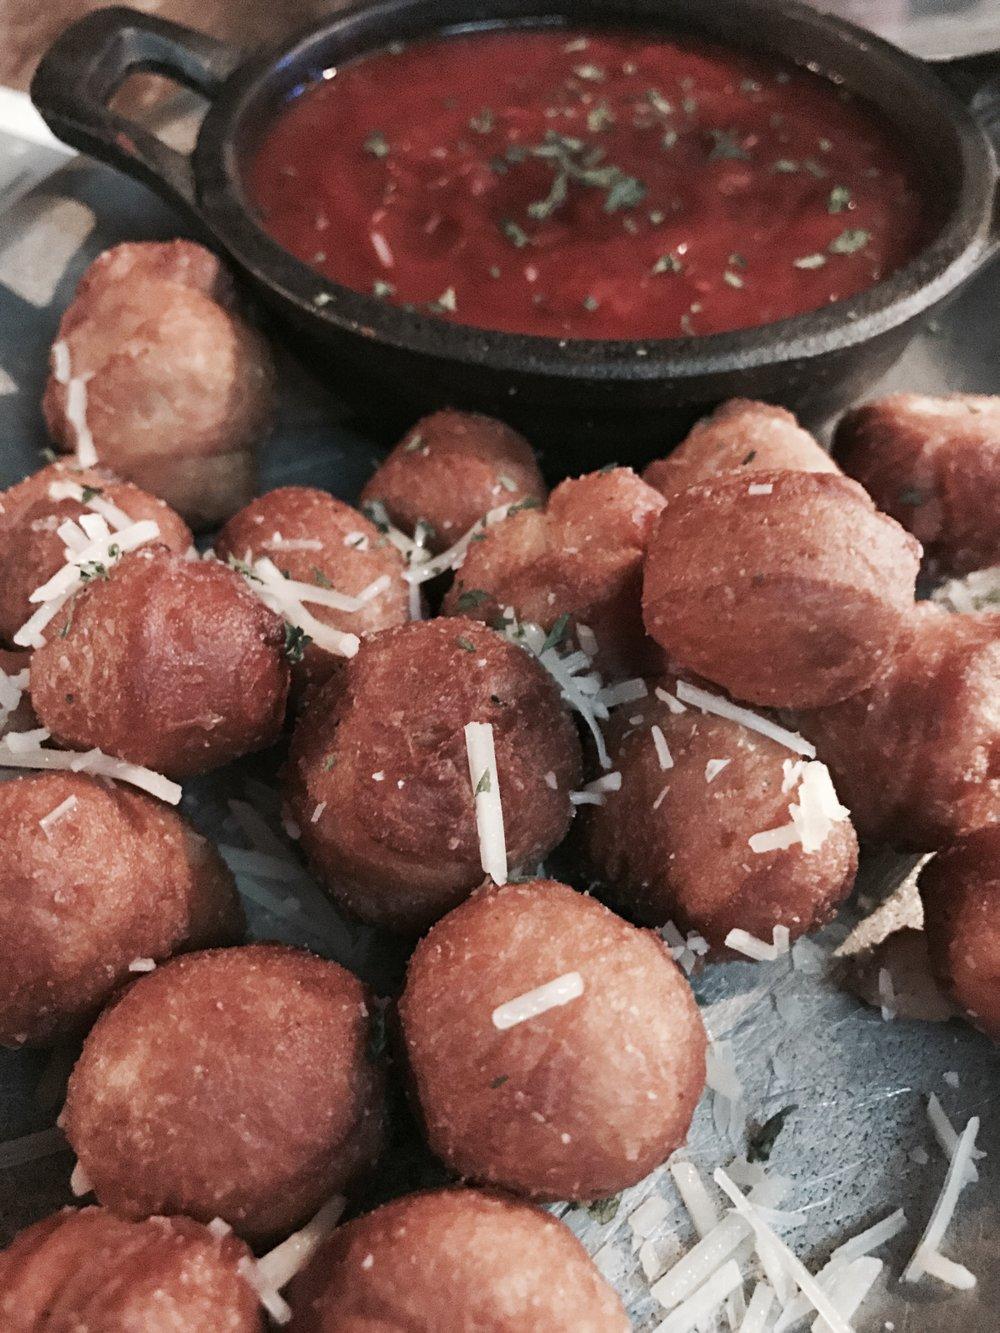 Gourdough's garlic doughnut holes. Carb euphoria!